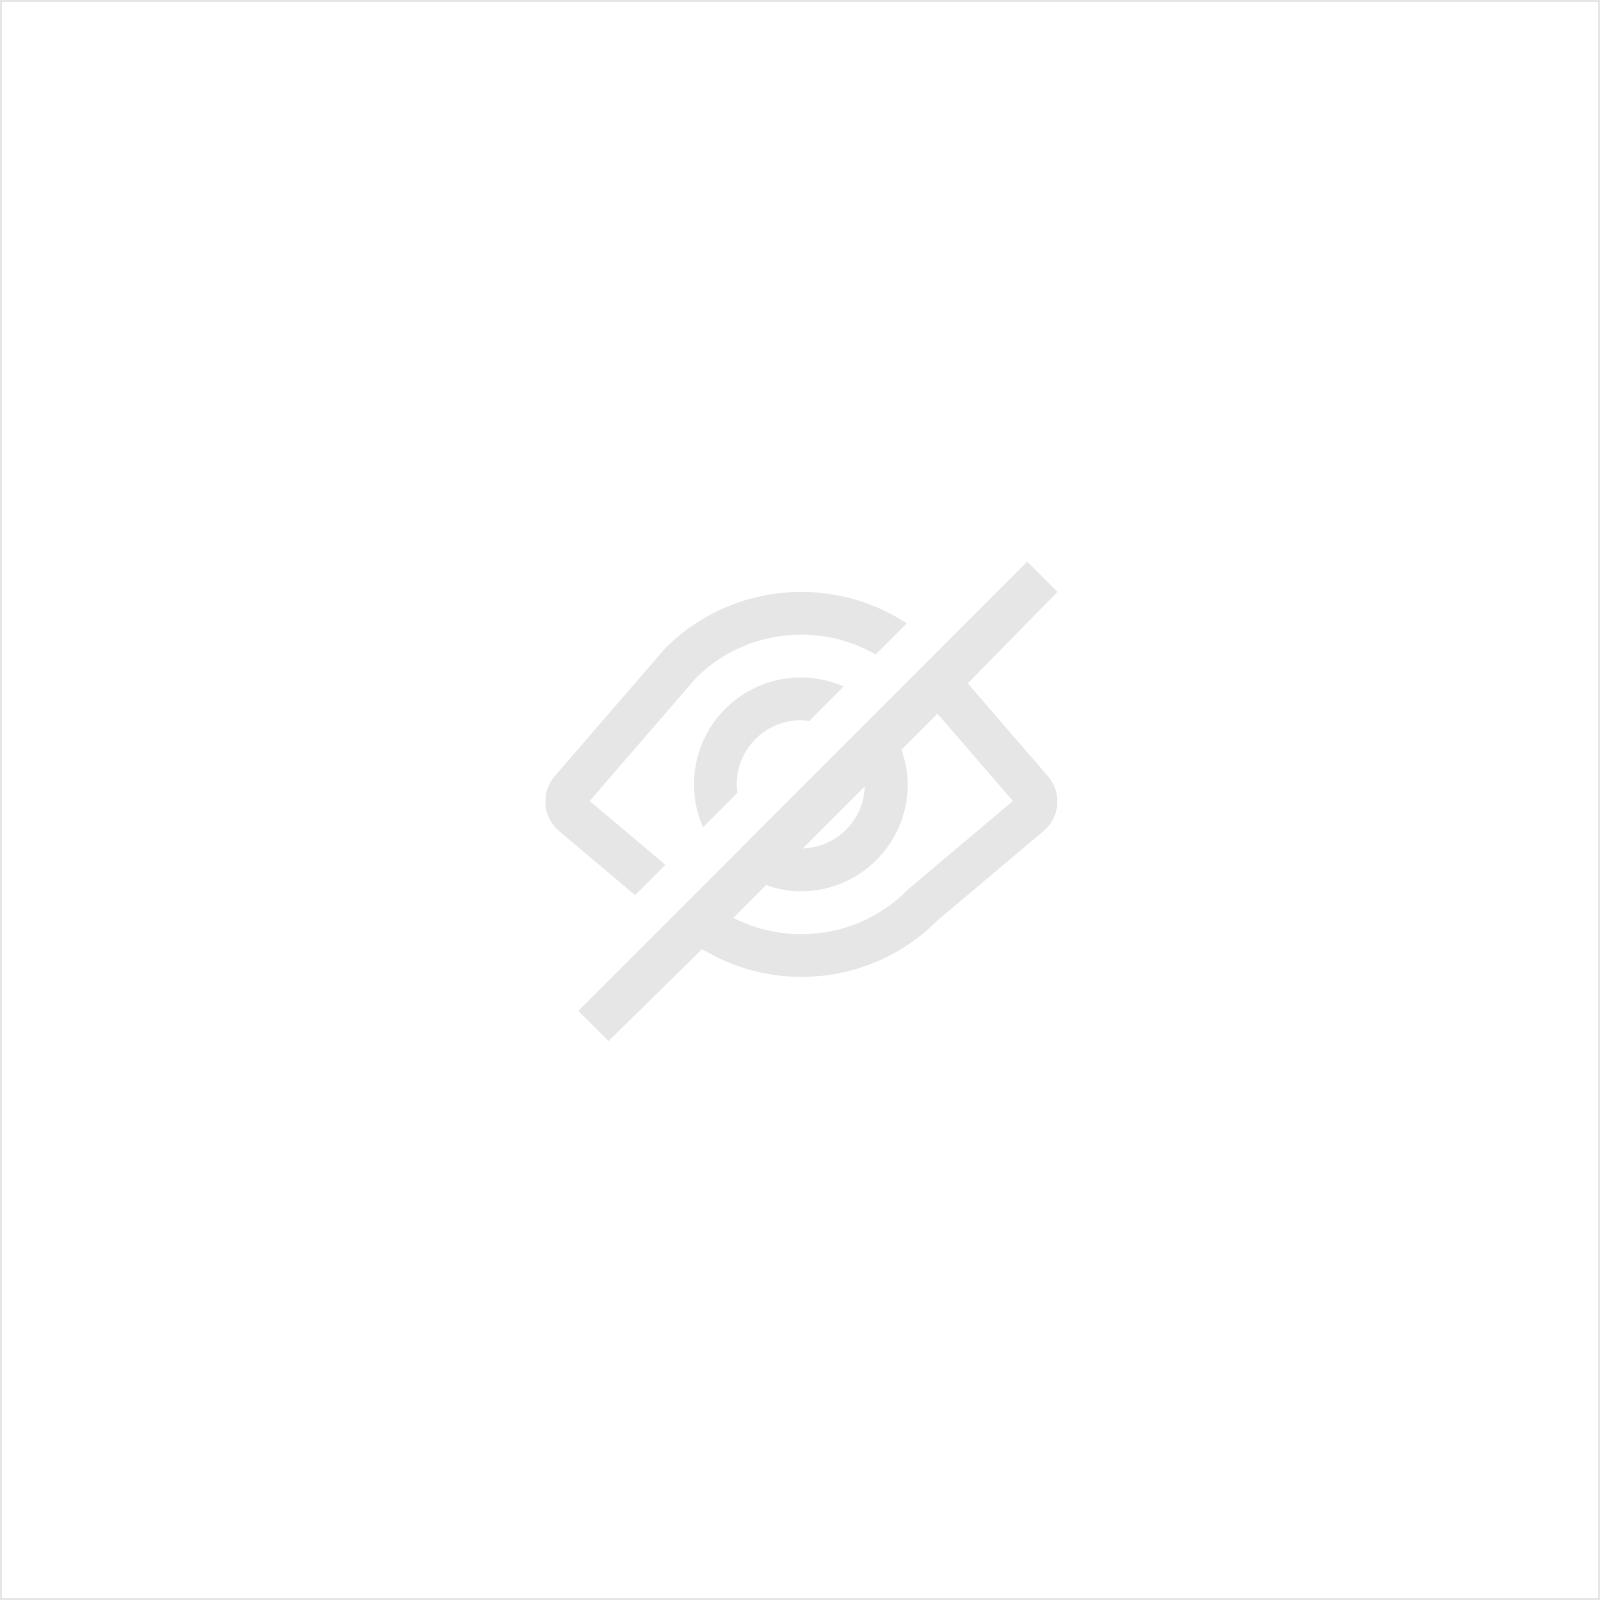 CABINE DE SABLAGE SKAT BLAST 945 INCL. DEPOUSSIEREUR VAC-50